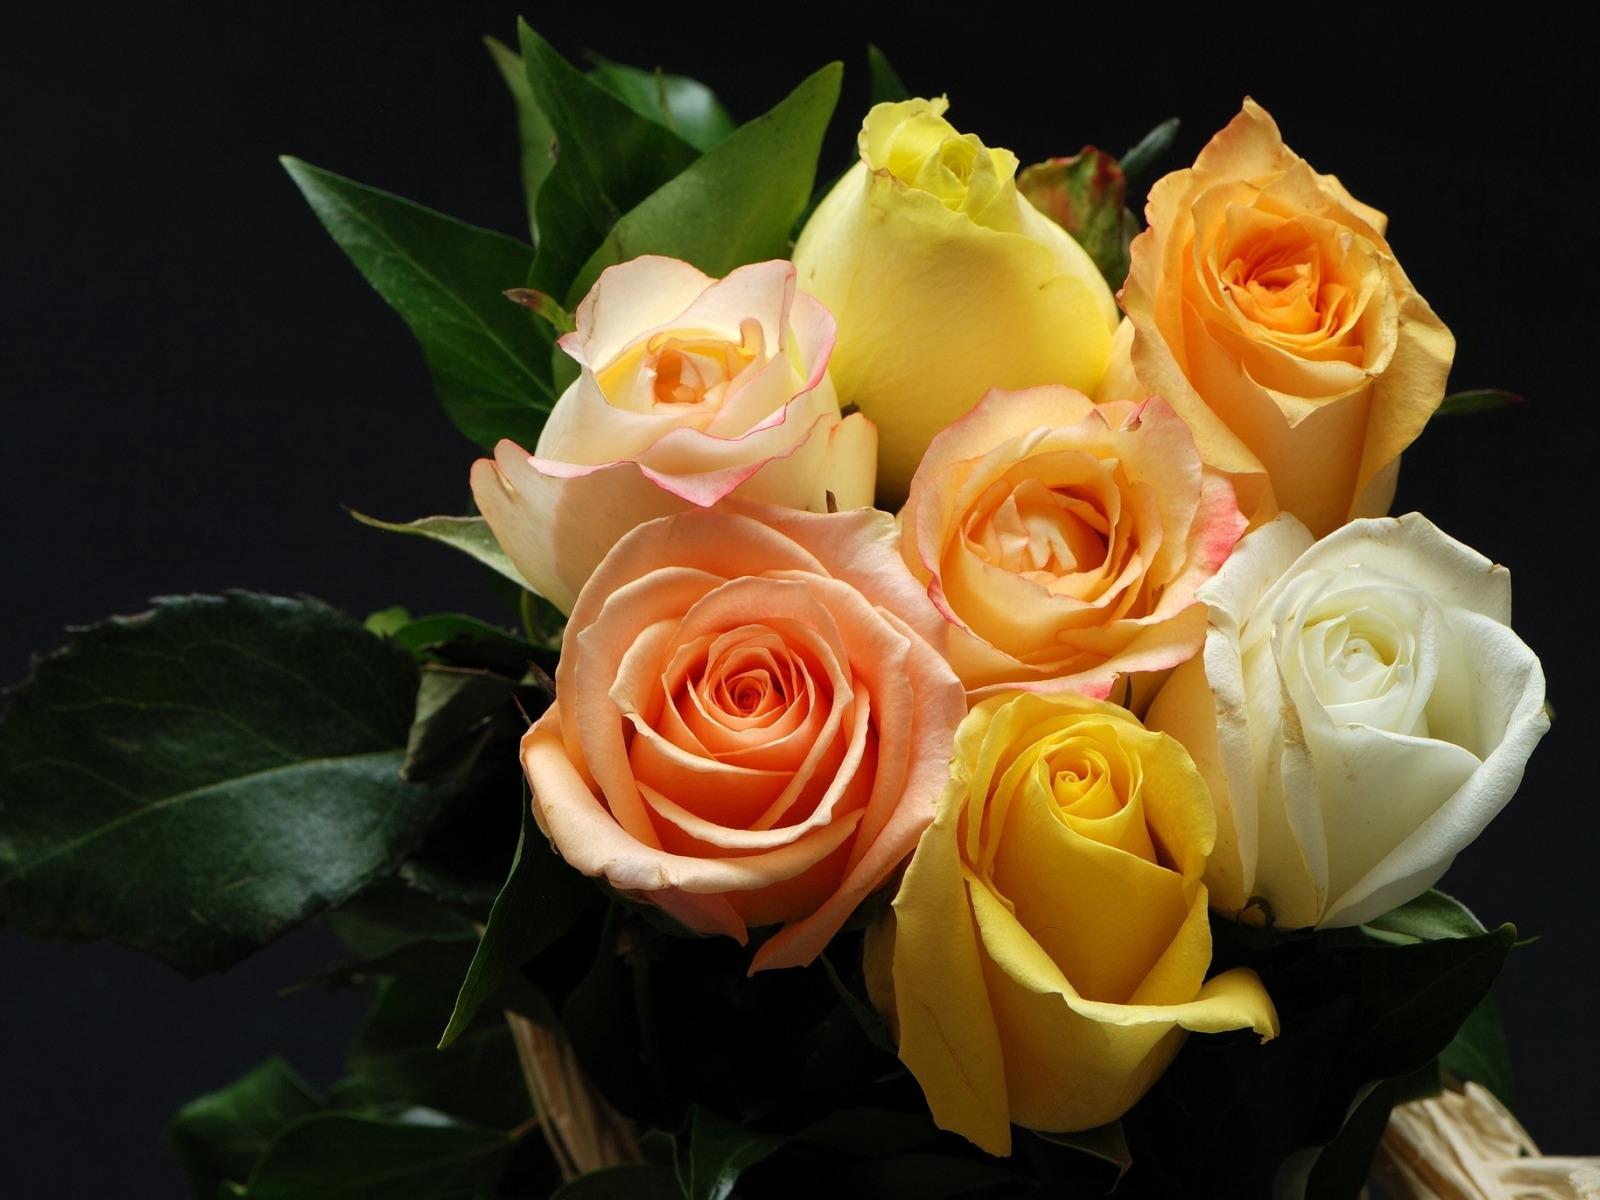 оставляем, картинка розы в хорошем качестве пудинг это